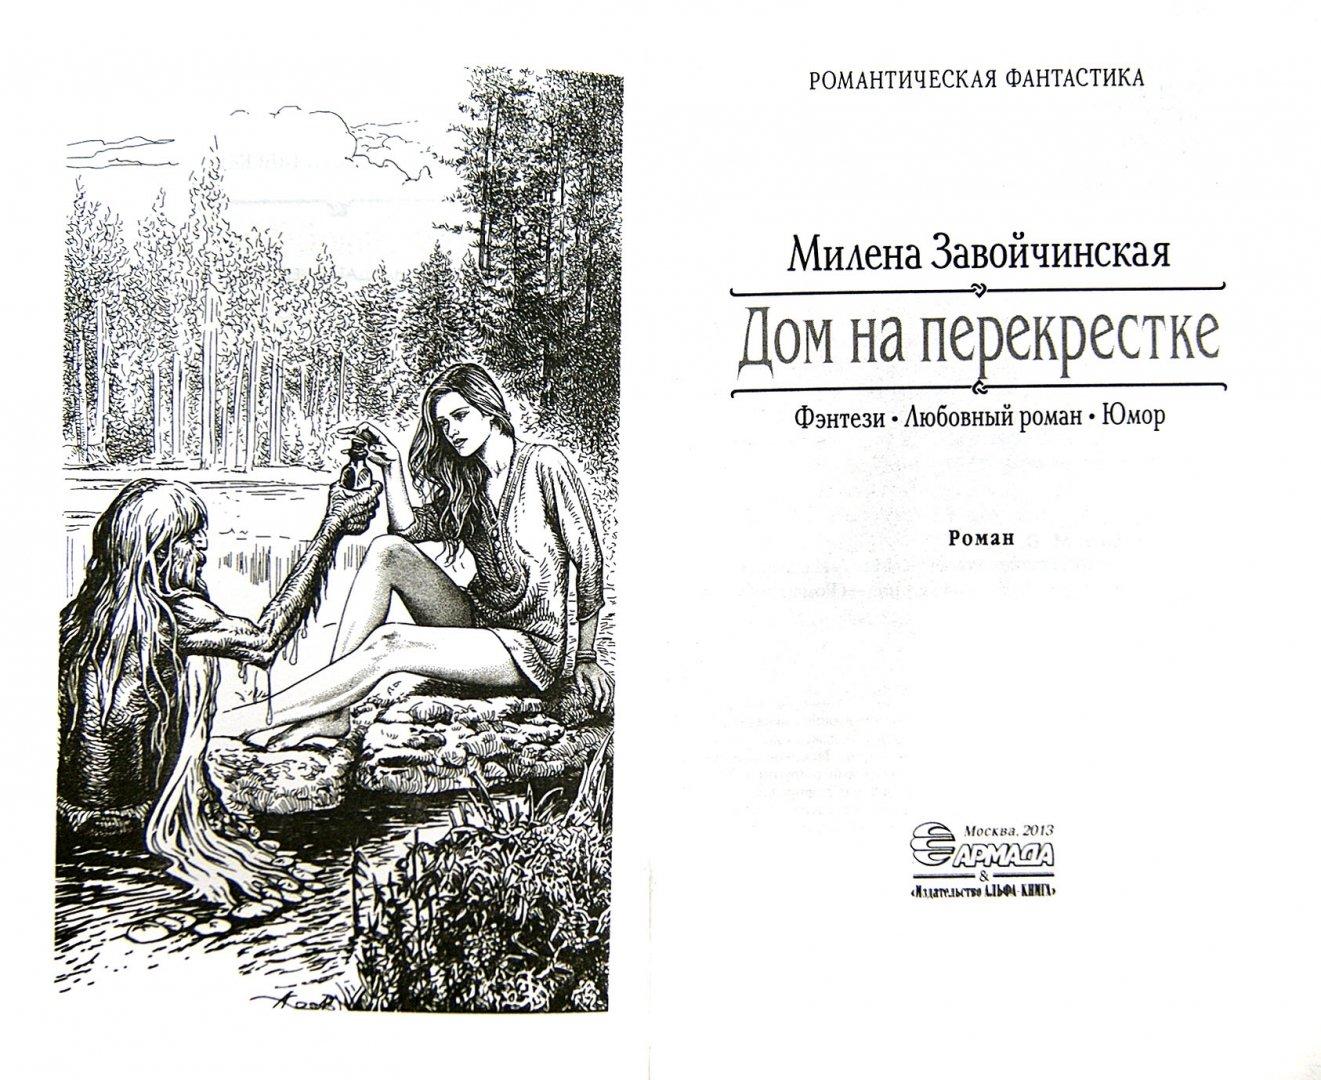 Иллюстрация 1 из 26 для Дом на перекрестке - Милена Завойчинская | Лабиринт - книги. Источник: Лабиринт